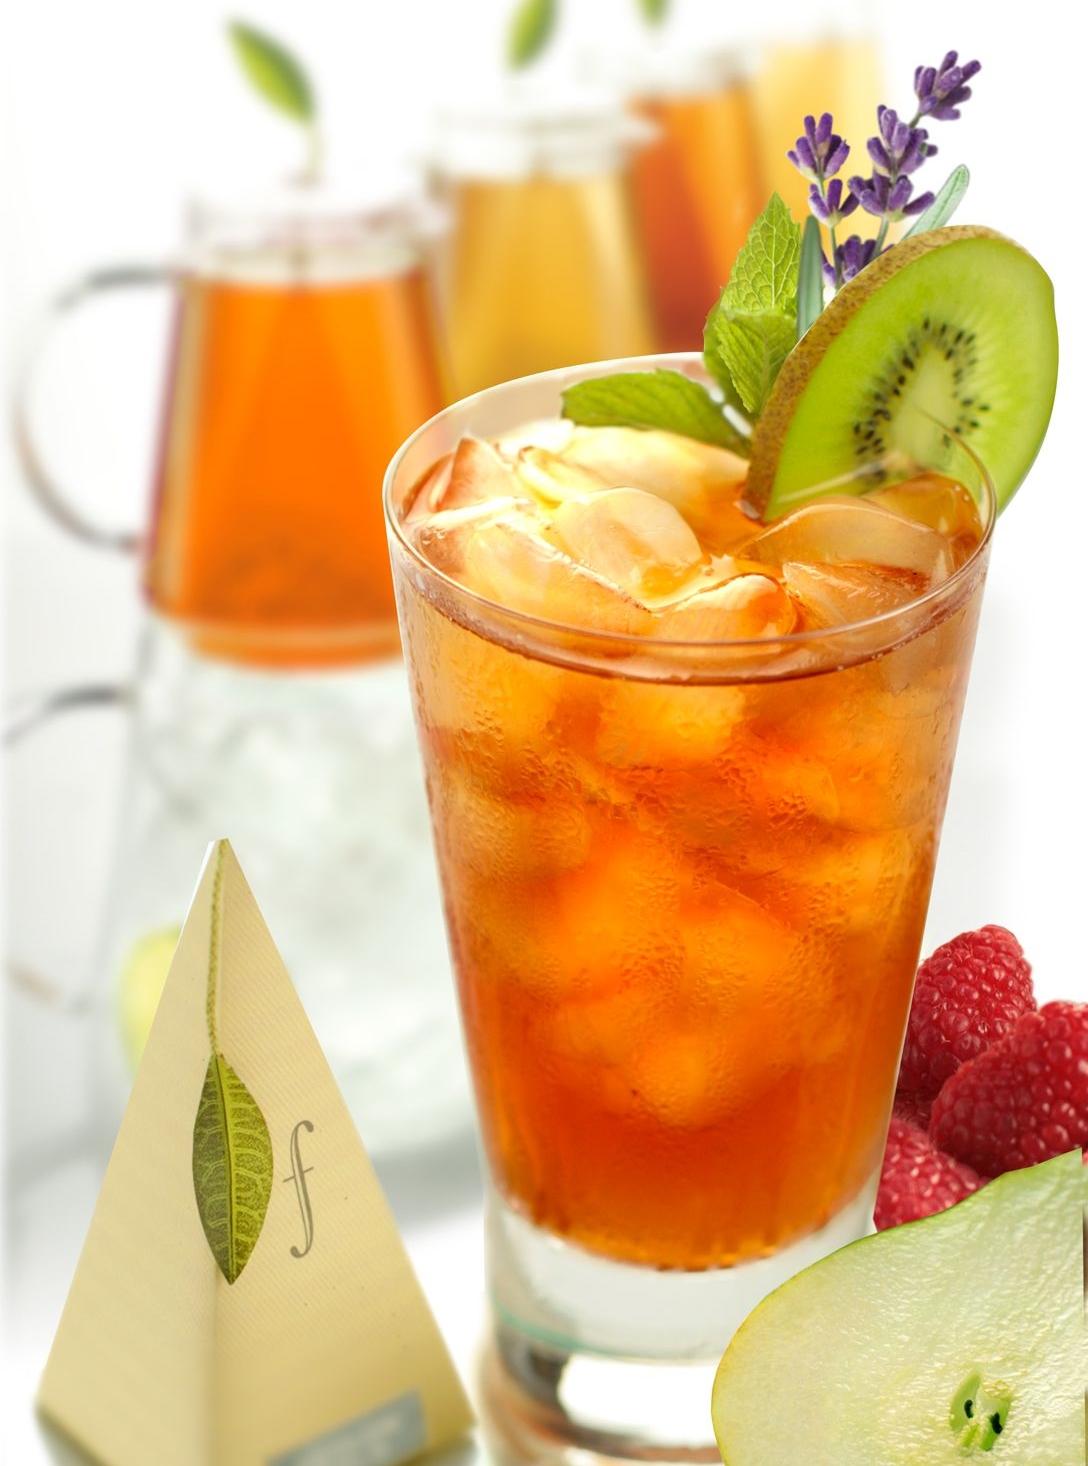 tea_over_ice_new_sampler_front_2_Eistee_selber_machen_1.jpg